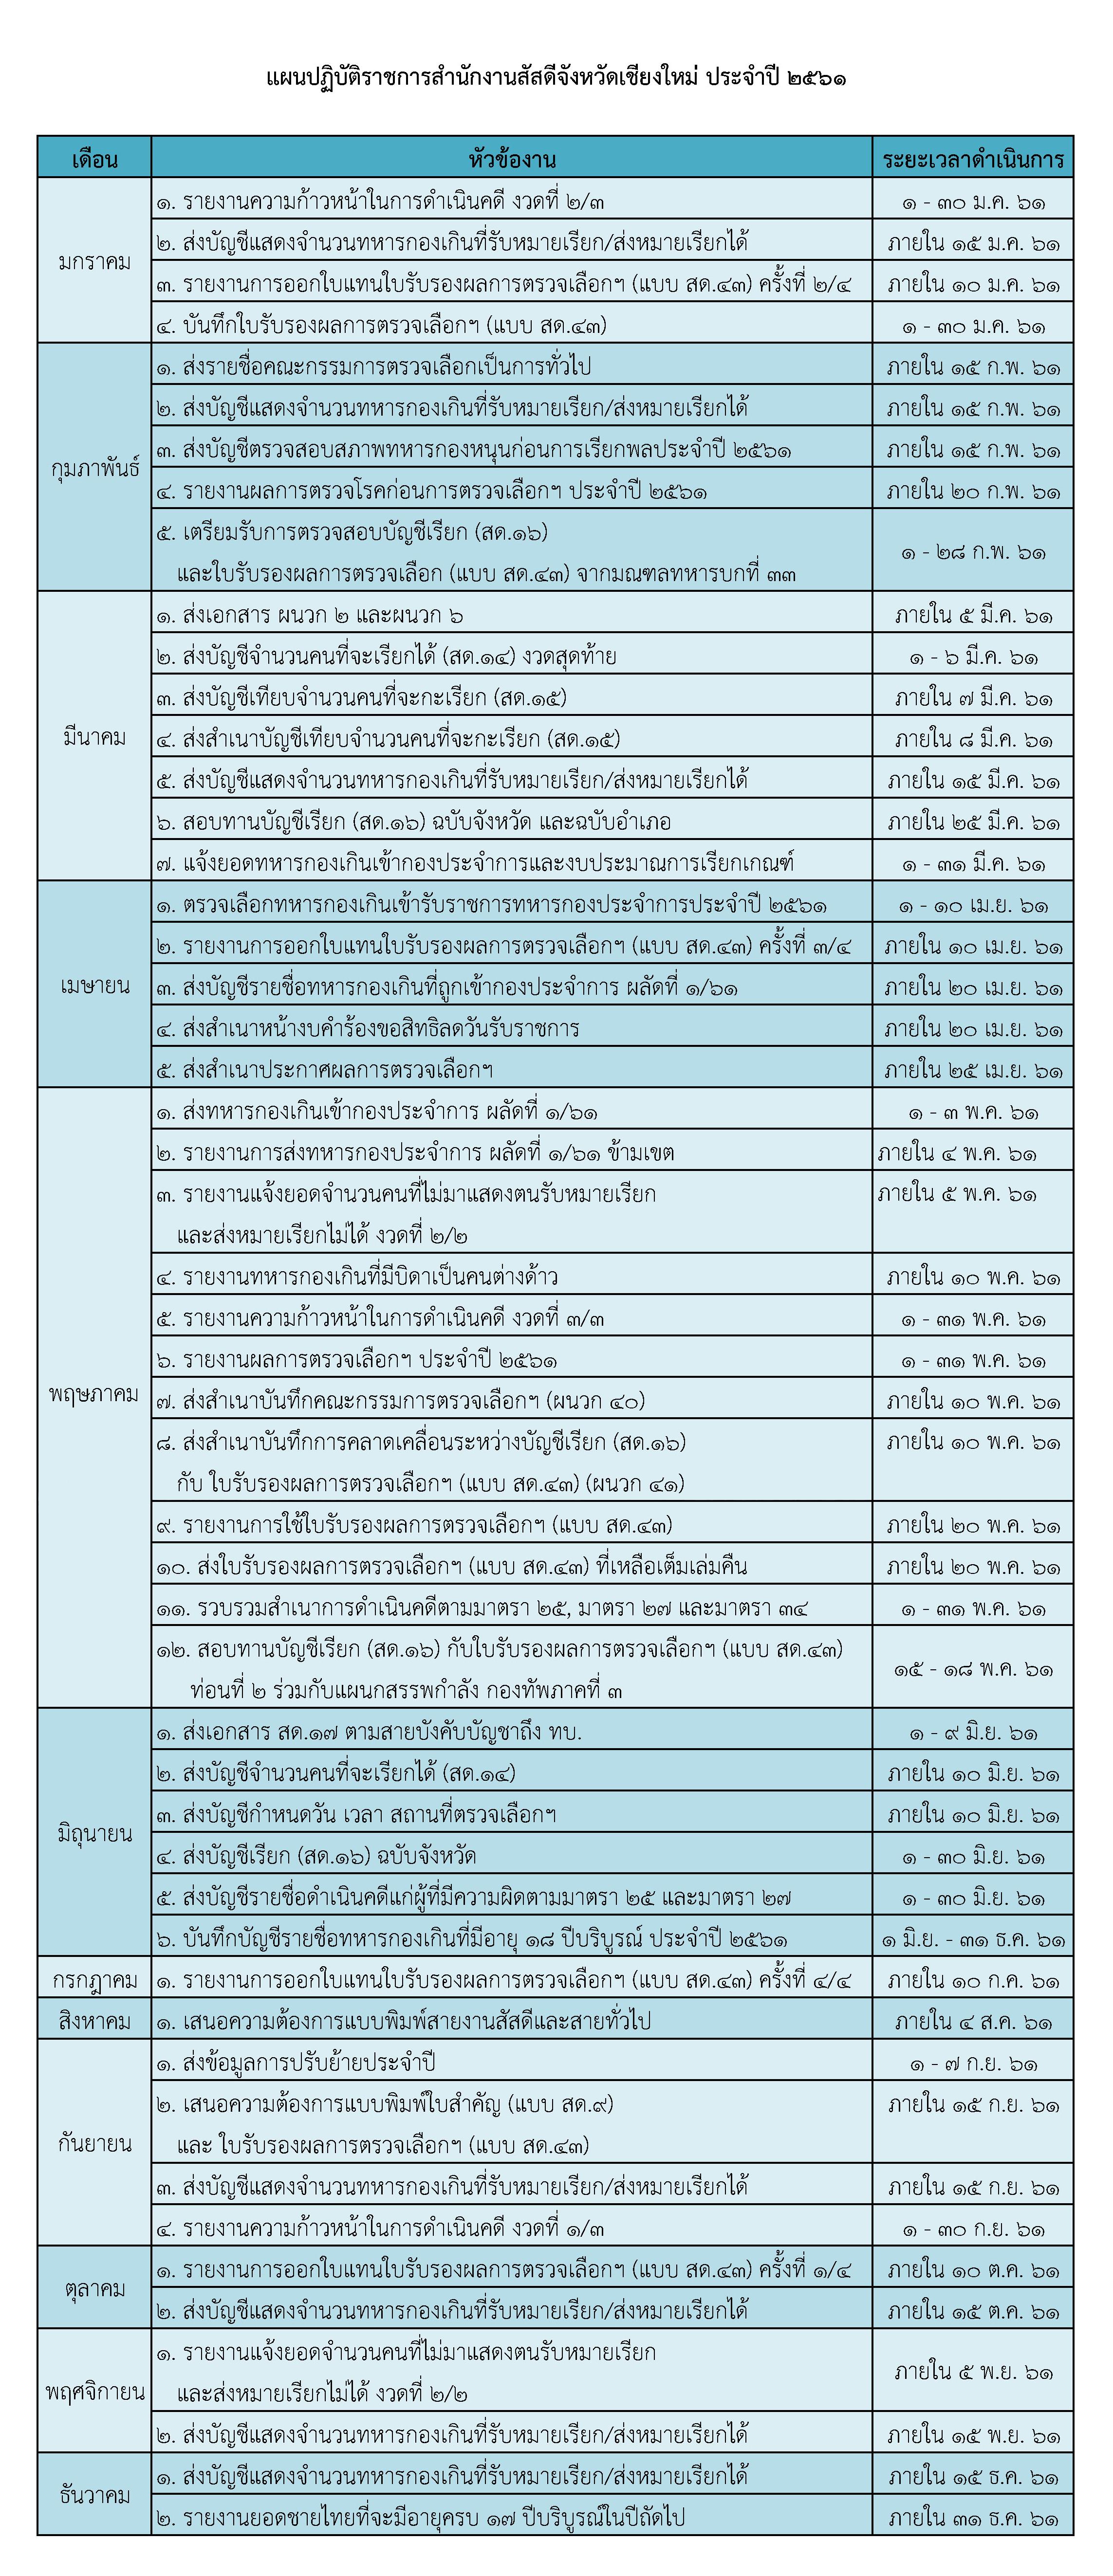 แผนปฏิบัติราชการประจำปี 2561